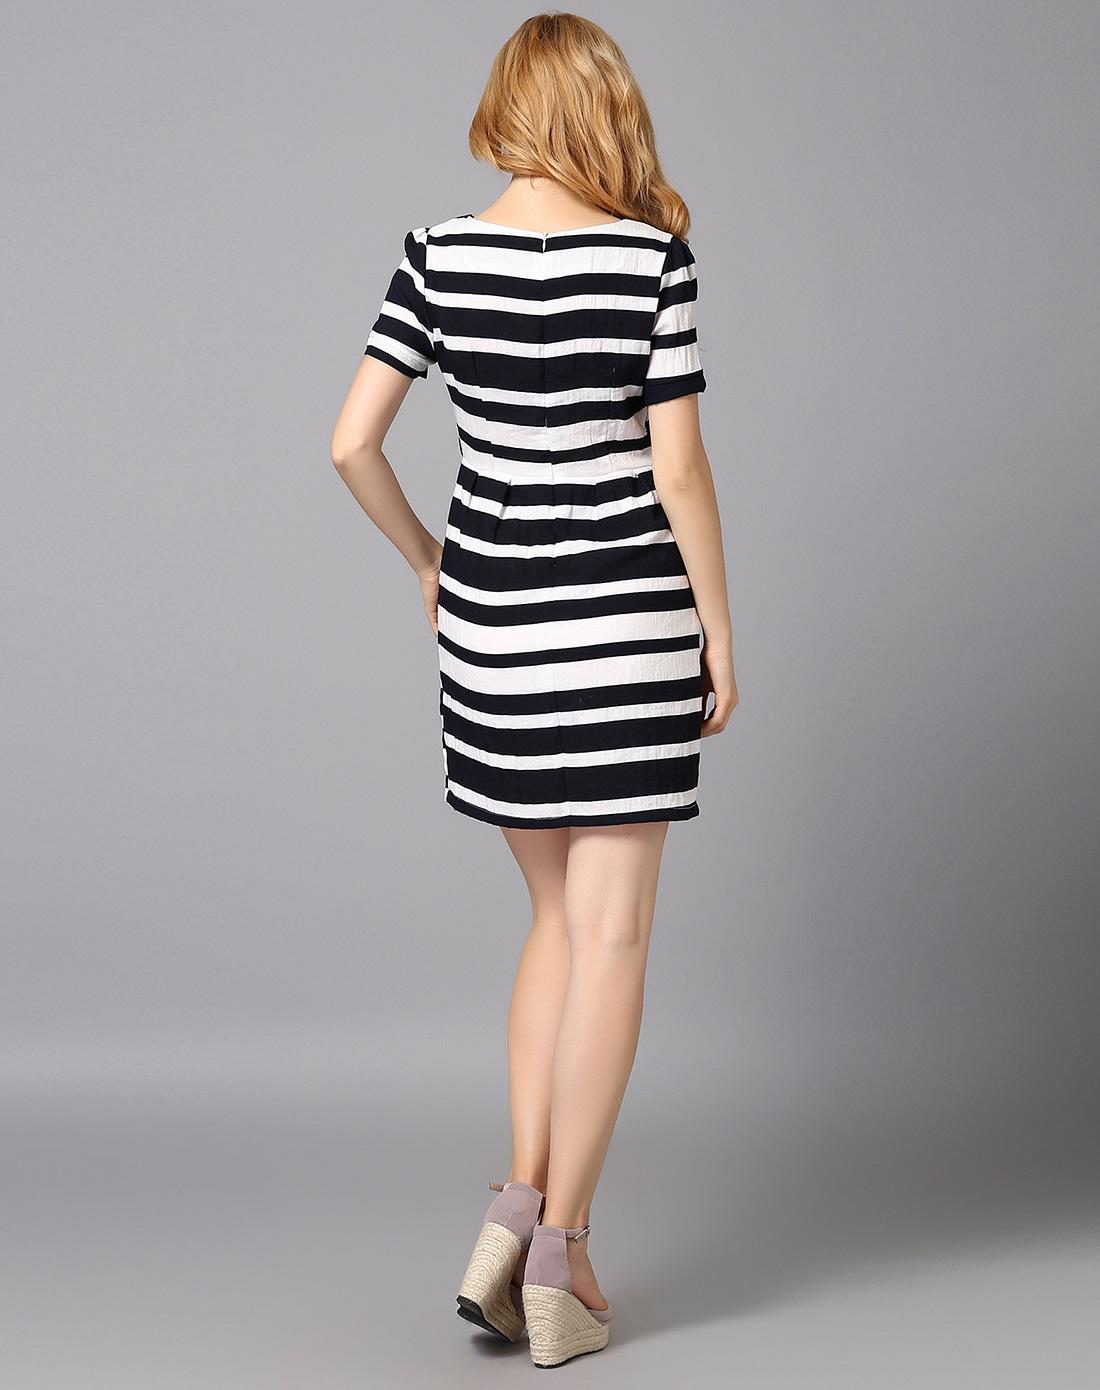 黑白色横条纹连衣裙